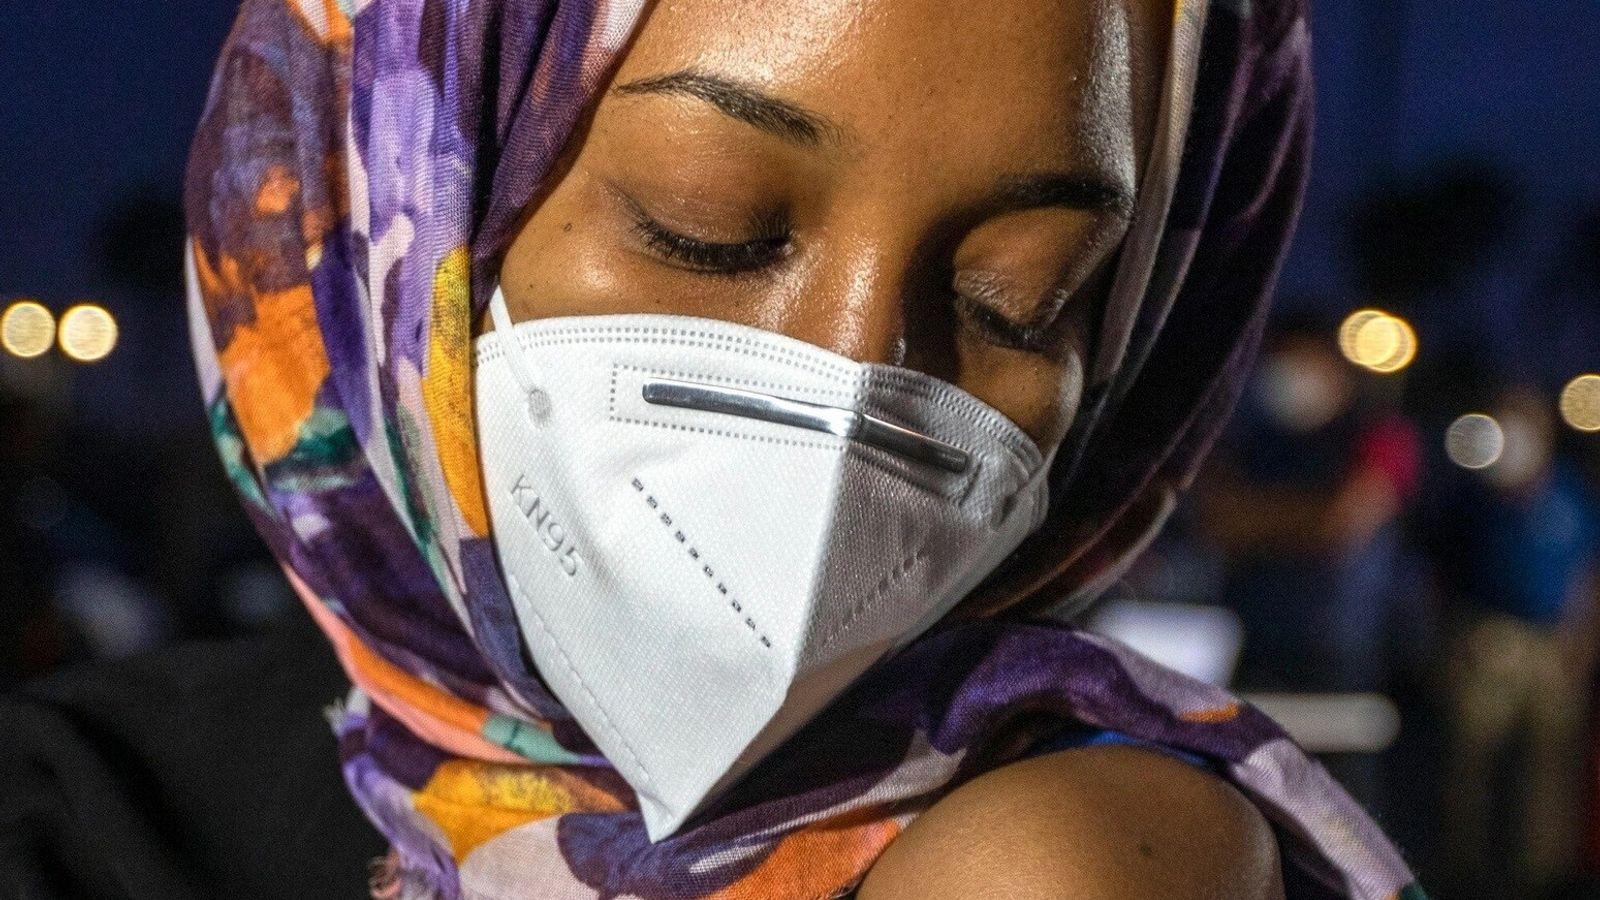 Sara Ahmed, 29 anos, de Anaheim, é vacinada em campanha de vacinação contra a covid-19 no ...